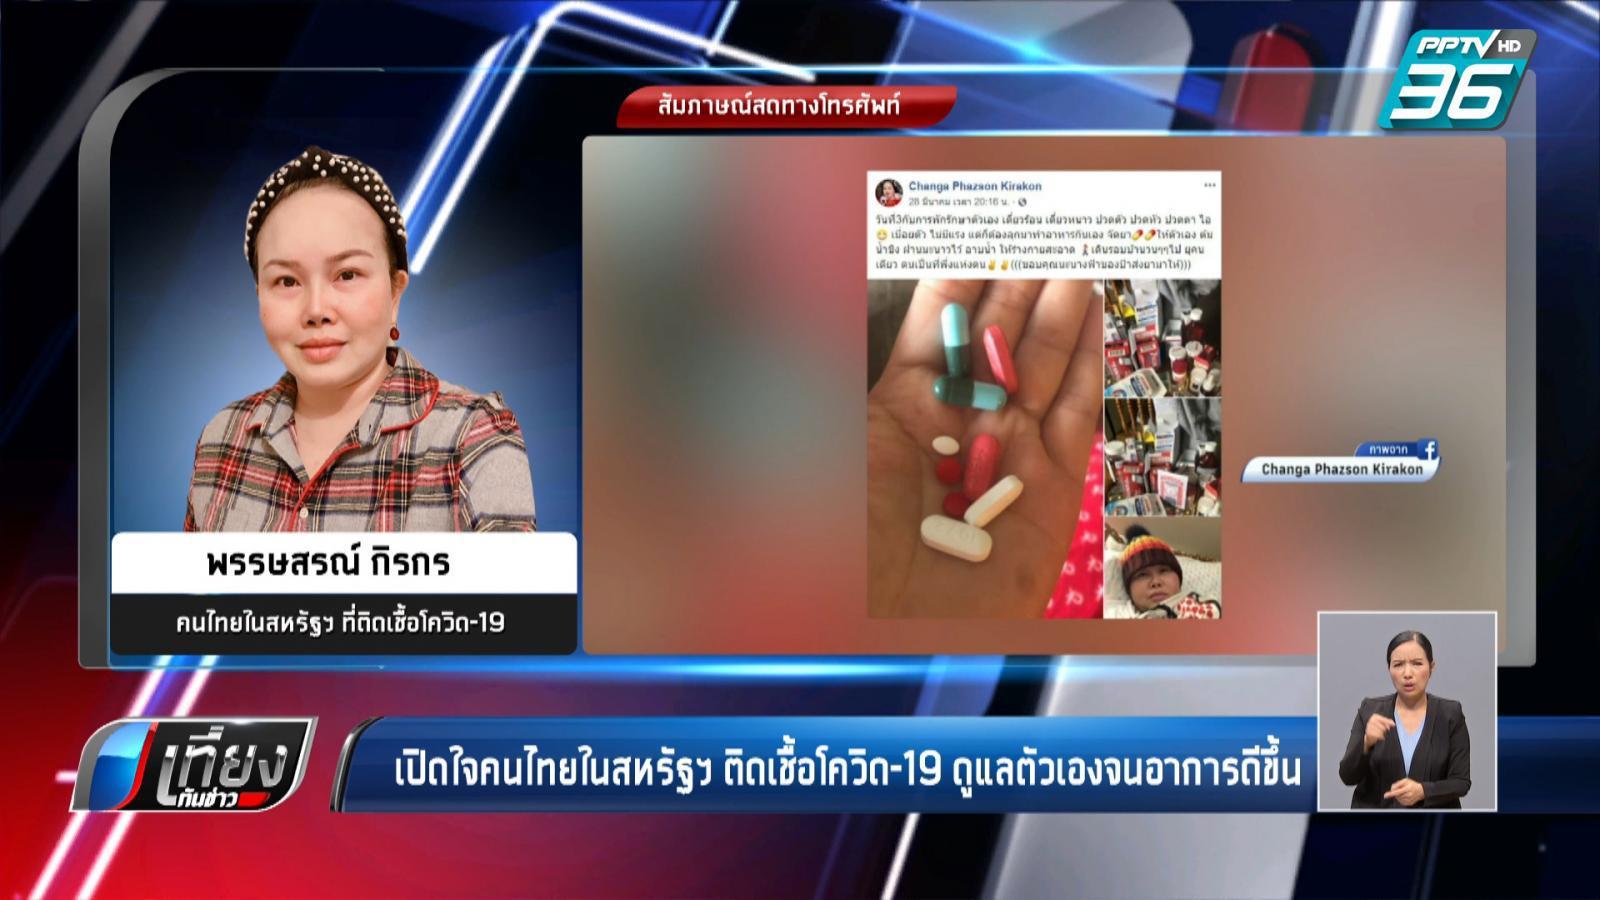 เปิดใจคนไทยในสหรัฐฯ ติดเชื้อโควิด-19 ดูแลตัวเองจนอาการดีขึ้น